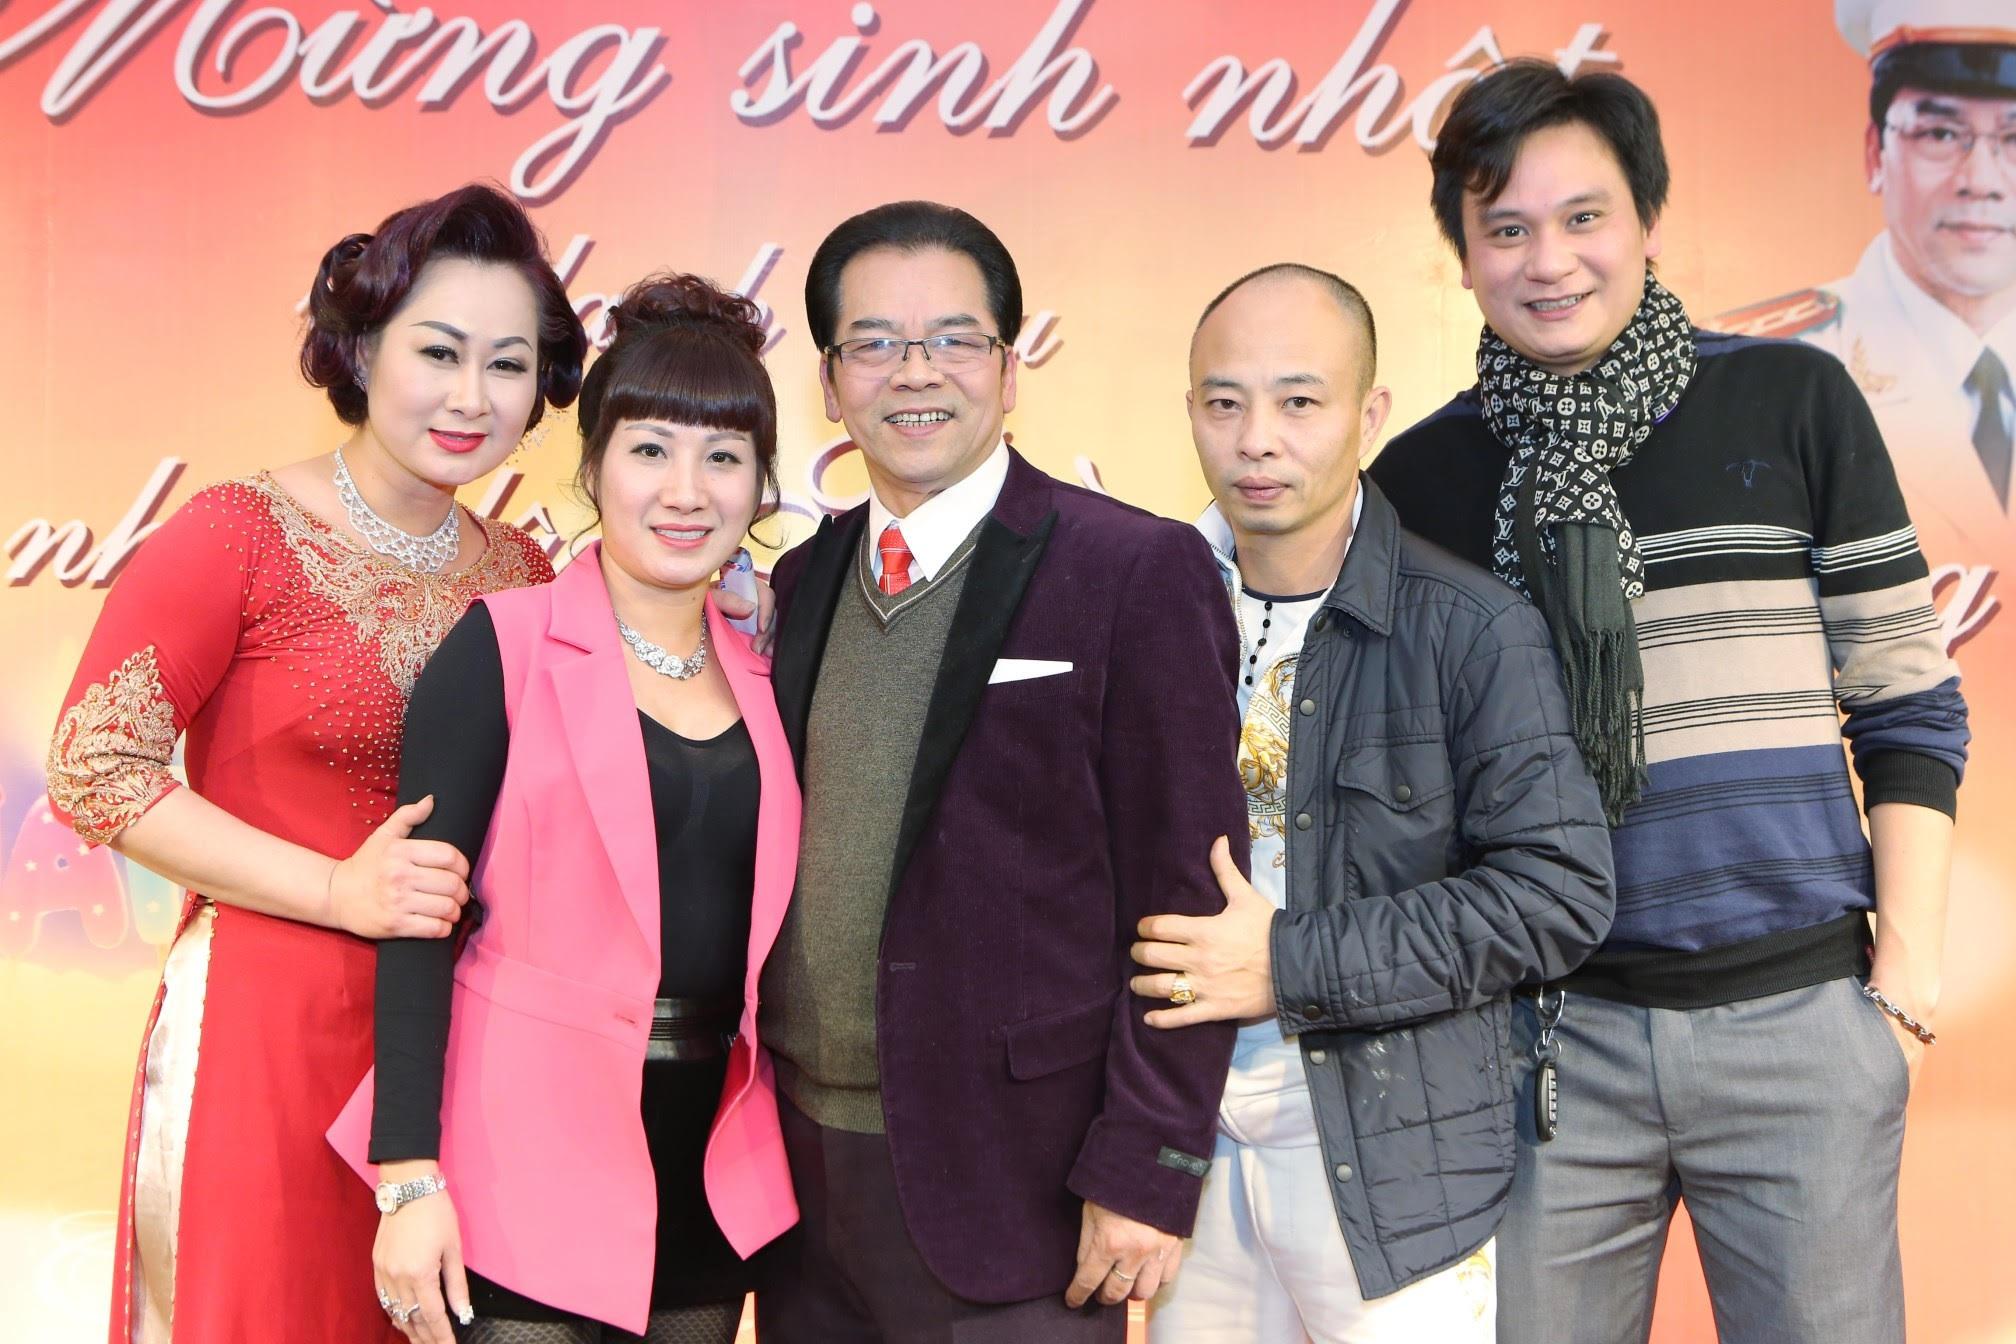 Diễn viên Công Dũng (ngoài cùng bên phải) là một người em kết nghĩa của nghệ sỹ Trần Nhượng cũng đội rét đến mừng anh trai.